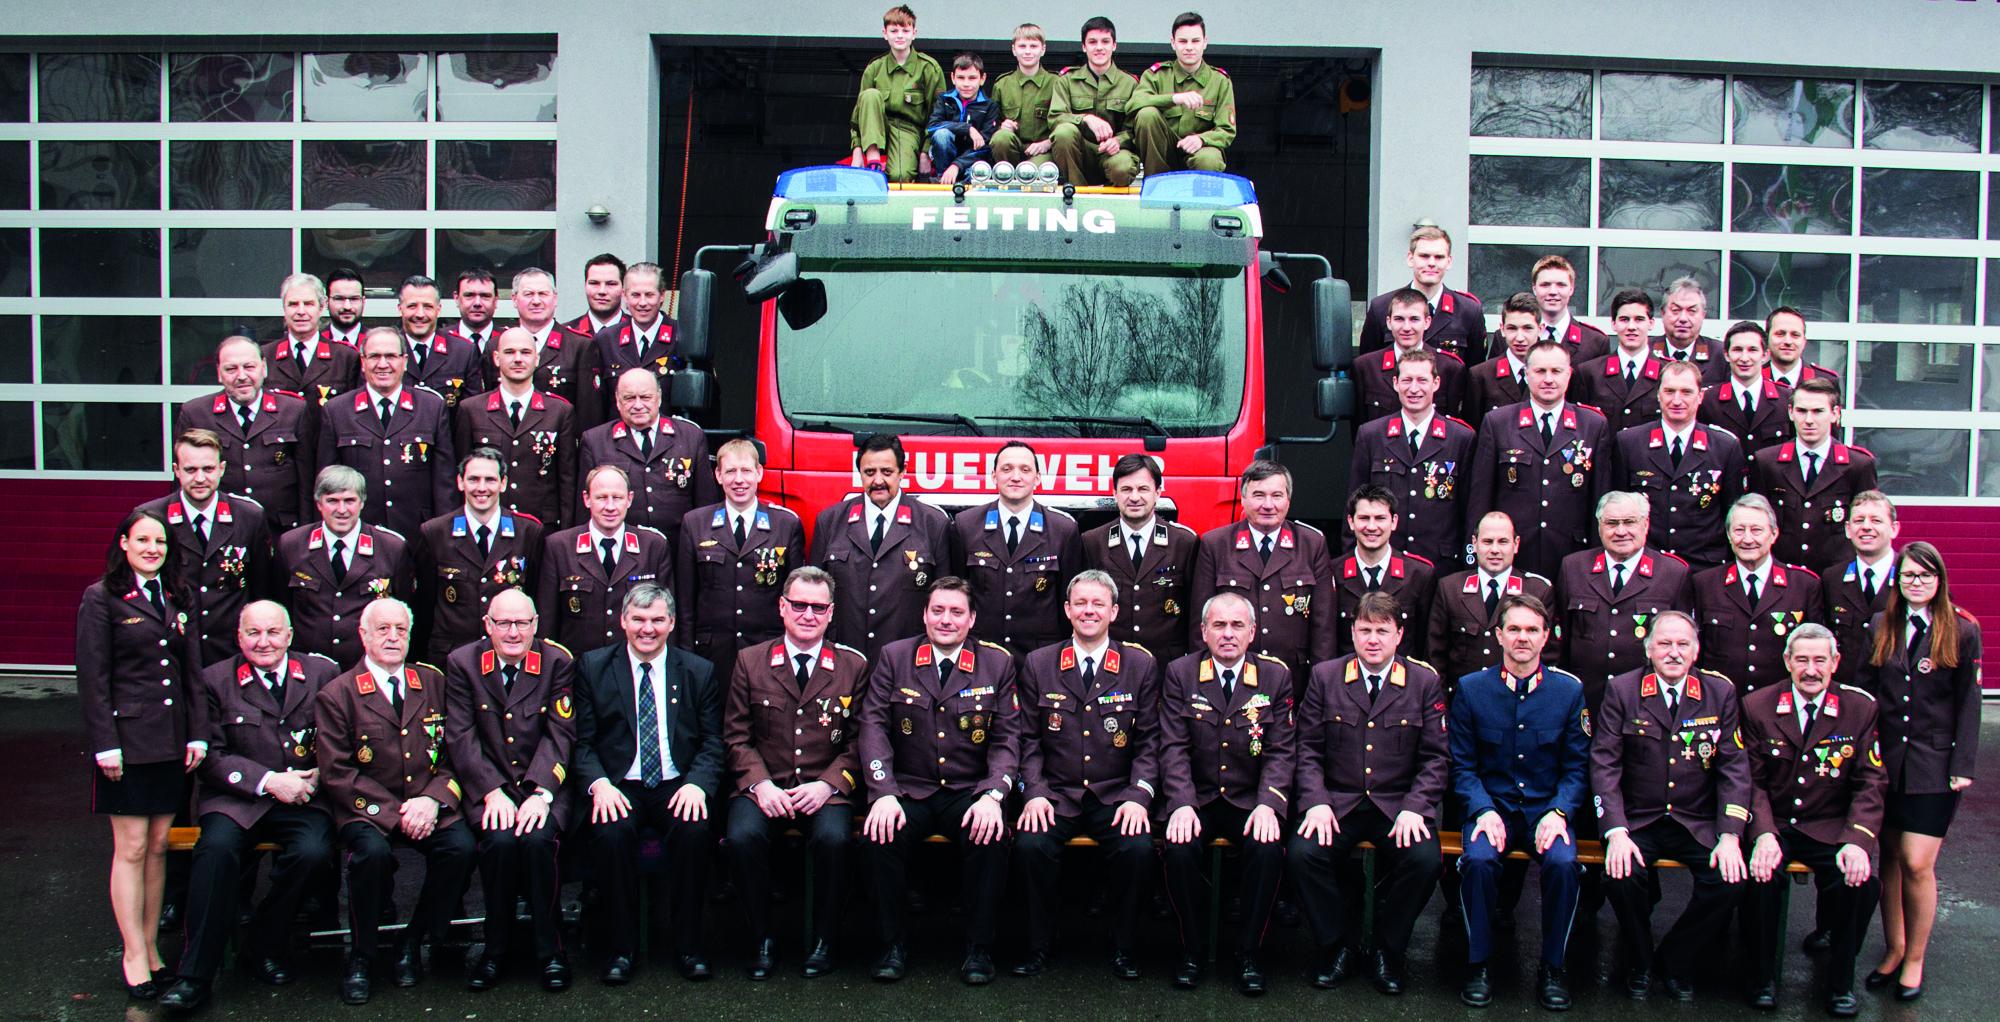 Freiwillige Feuerwehr Feiting